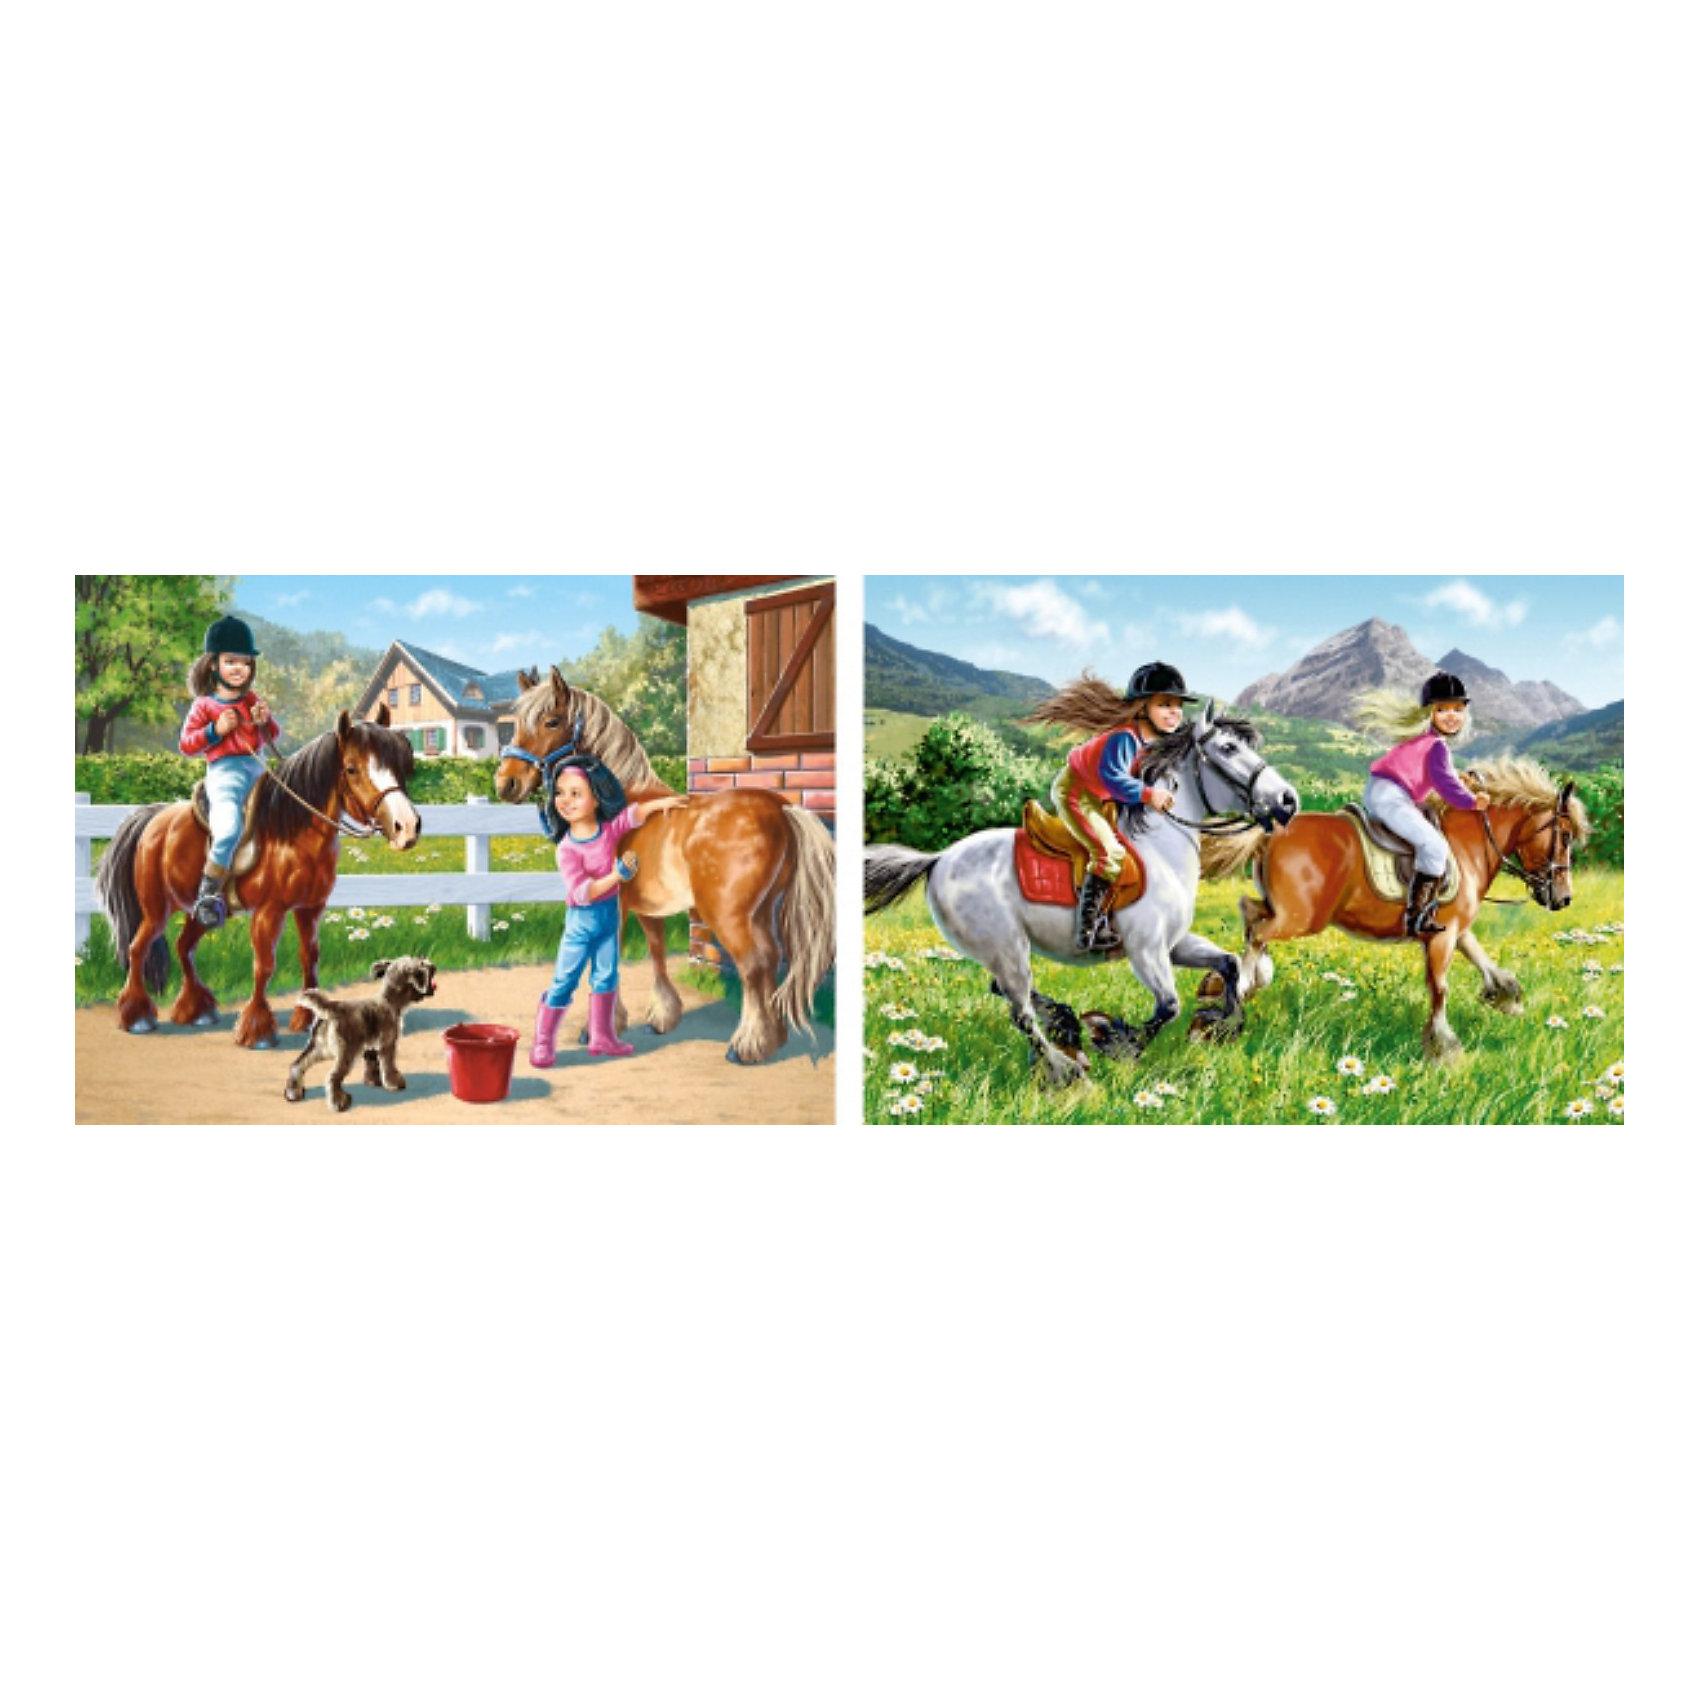 Набор пазлов Верхом на лошади, 165*240 деталей, CastorlandПазлы для детей постарше<br>Дети обожают лошадок! Они умиляют детишек всех возрастов, а с набором пазлов Верхом на лошади Castorland (Касторленд) дети смогут своими руками собрать изображение любимых животных и маленьких наездников! Такое занятие не оставит  равнодушным  Вашего ребенка! Сборка красочных пазлов Верхом на лошади Castorland (Касторленд) подарит Вашим детям не только несколько вечеров творчества, но и принесет пользу для развития. Подбор деталей друг к другу способствует развитию образного и логического мышления, наблюдательности, мелкой моторики и координации движений руки. Красочный пазл с интересным сюжетом и цветовыми градациями состоит из глянцевых, приятных на ощупь деталей с ровными краями и идеальной проклейкой. Точная нарезка гарантирует легкость стыковки и многократность сборки без потери внешнего вида!<br><br>Дополнительная информация:<br><br>- В наборе 2 картинки: 165 и 240 деталей;<br>- Прекрасный подарок для любителя лошадей;<br>- Детали не будут расслаиваться, что обеспечит долгий срок службы;<br>- Детали идеально подходят друг другу;<br>- Яркие картинки;<br>- Материал: картон;<br>- Размер собранной картинки: 32 х 23 см;<br>- Вес: 246 г<br><br>Набор пазлов Верхом на лошади, 165, 240 деталей, Castorland (Касторленд) можно купить в нашем интернет-магазине.<br><br>Ширина мм: 245<br>Глубина мм: 175<br>Высота мм: 37<br>Вес г: 150<br>Возраст от месяцев: 72<br>Возраст до месяцев: 1188<br>Пол: Унисекс<br>Возраст: Детский<br>Количество деталей: 165<br>SKU: 3717134